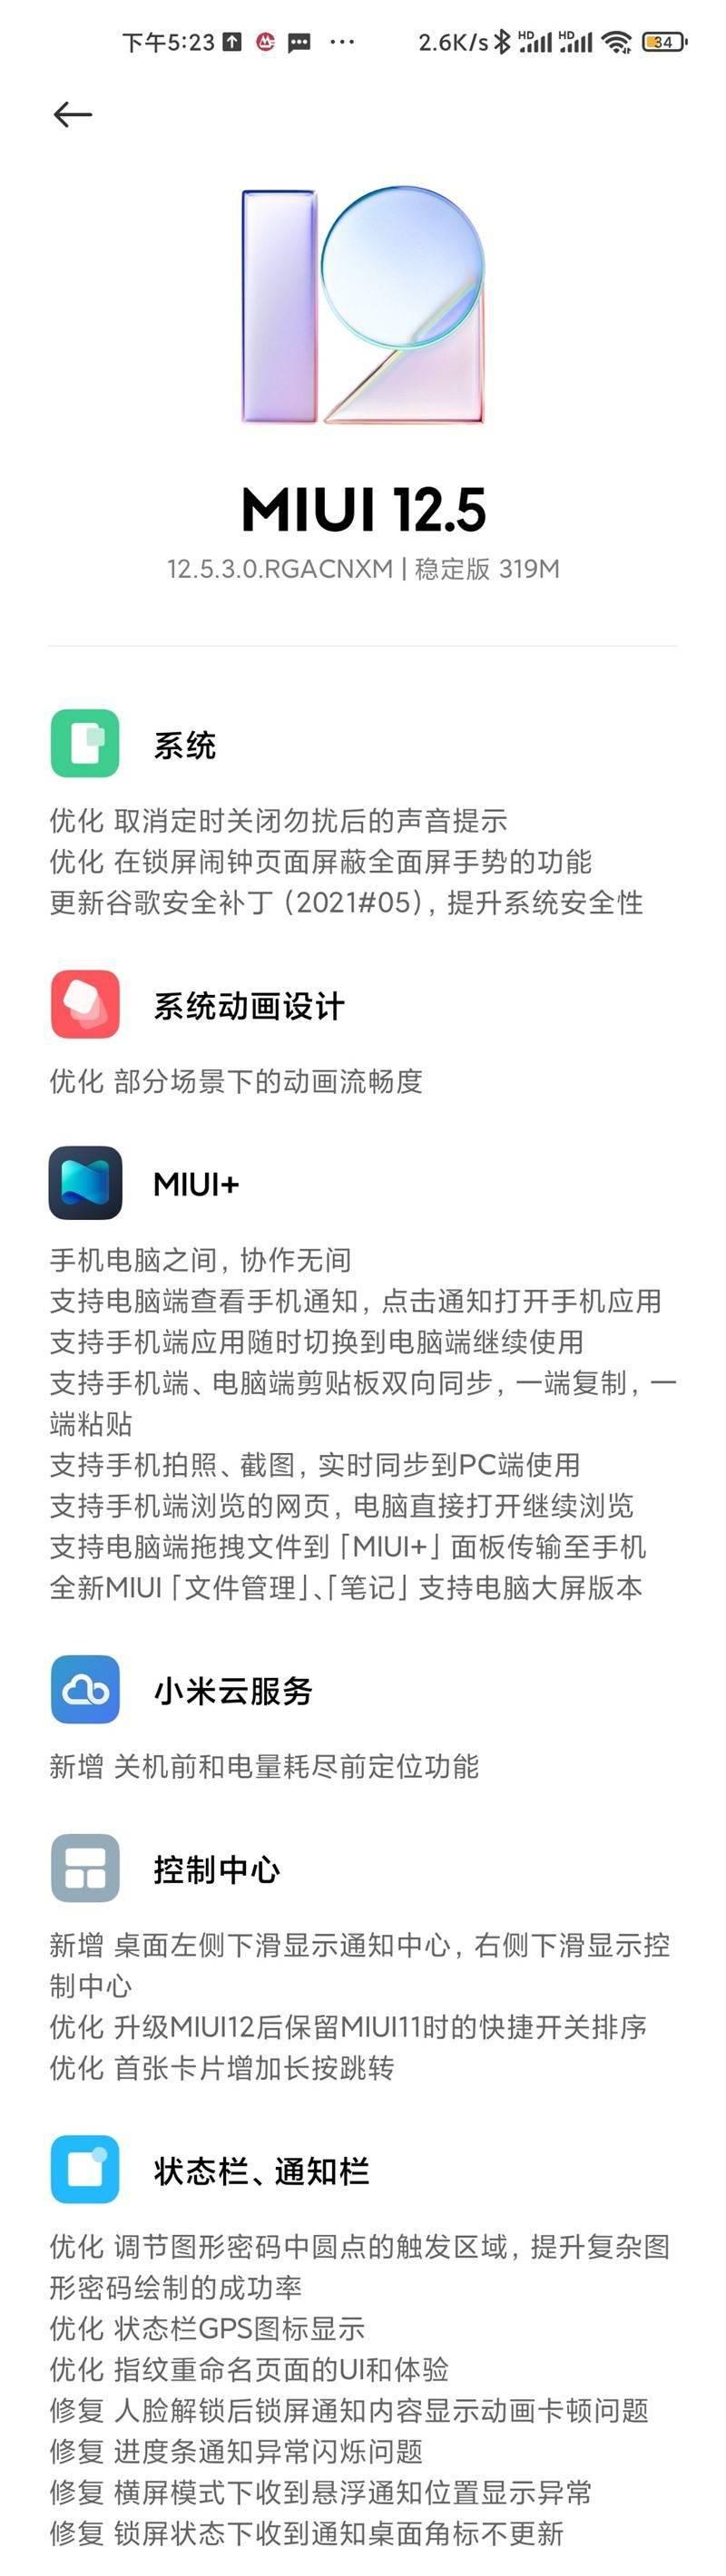 小米10S推MIUI12.5.3稳定版:新增MIUI+可与电脑互联投屏等